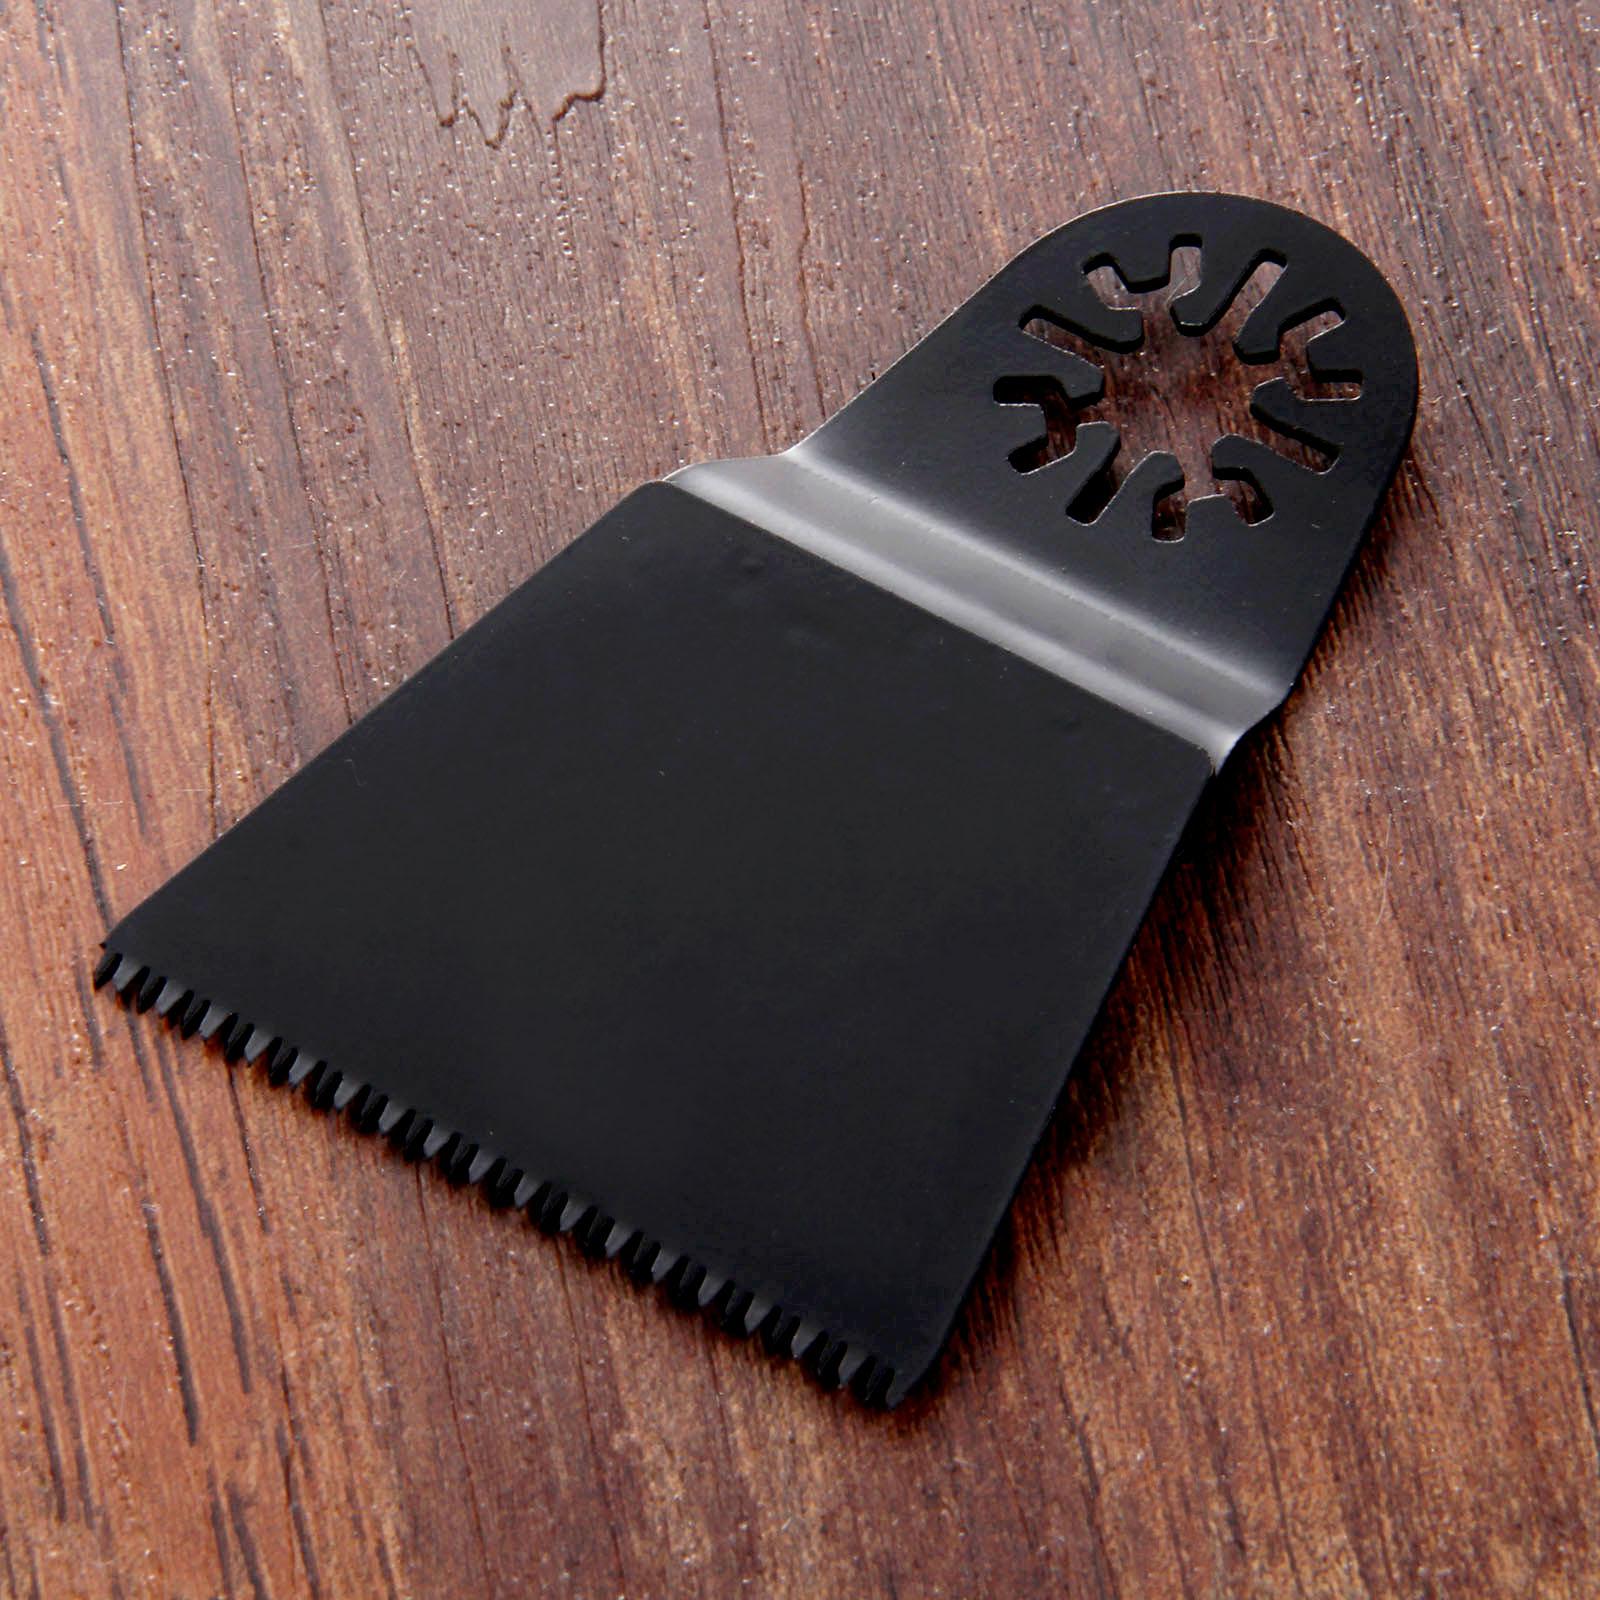 1 vnt. 65 mm svyruojantis įrankis, pjaustomas pjūklo pjovimo - Ašmenys pjūklams - Nuotrauka 6